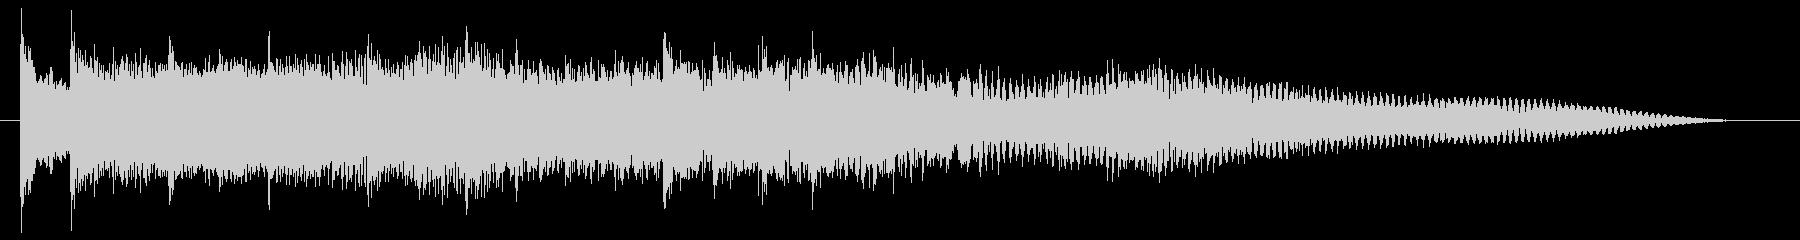 軽快で可愛らしい音が印象的なサウンドロゴの未再生の波形